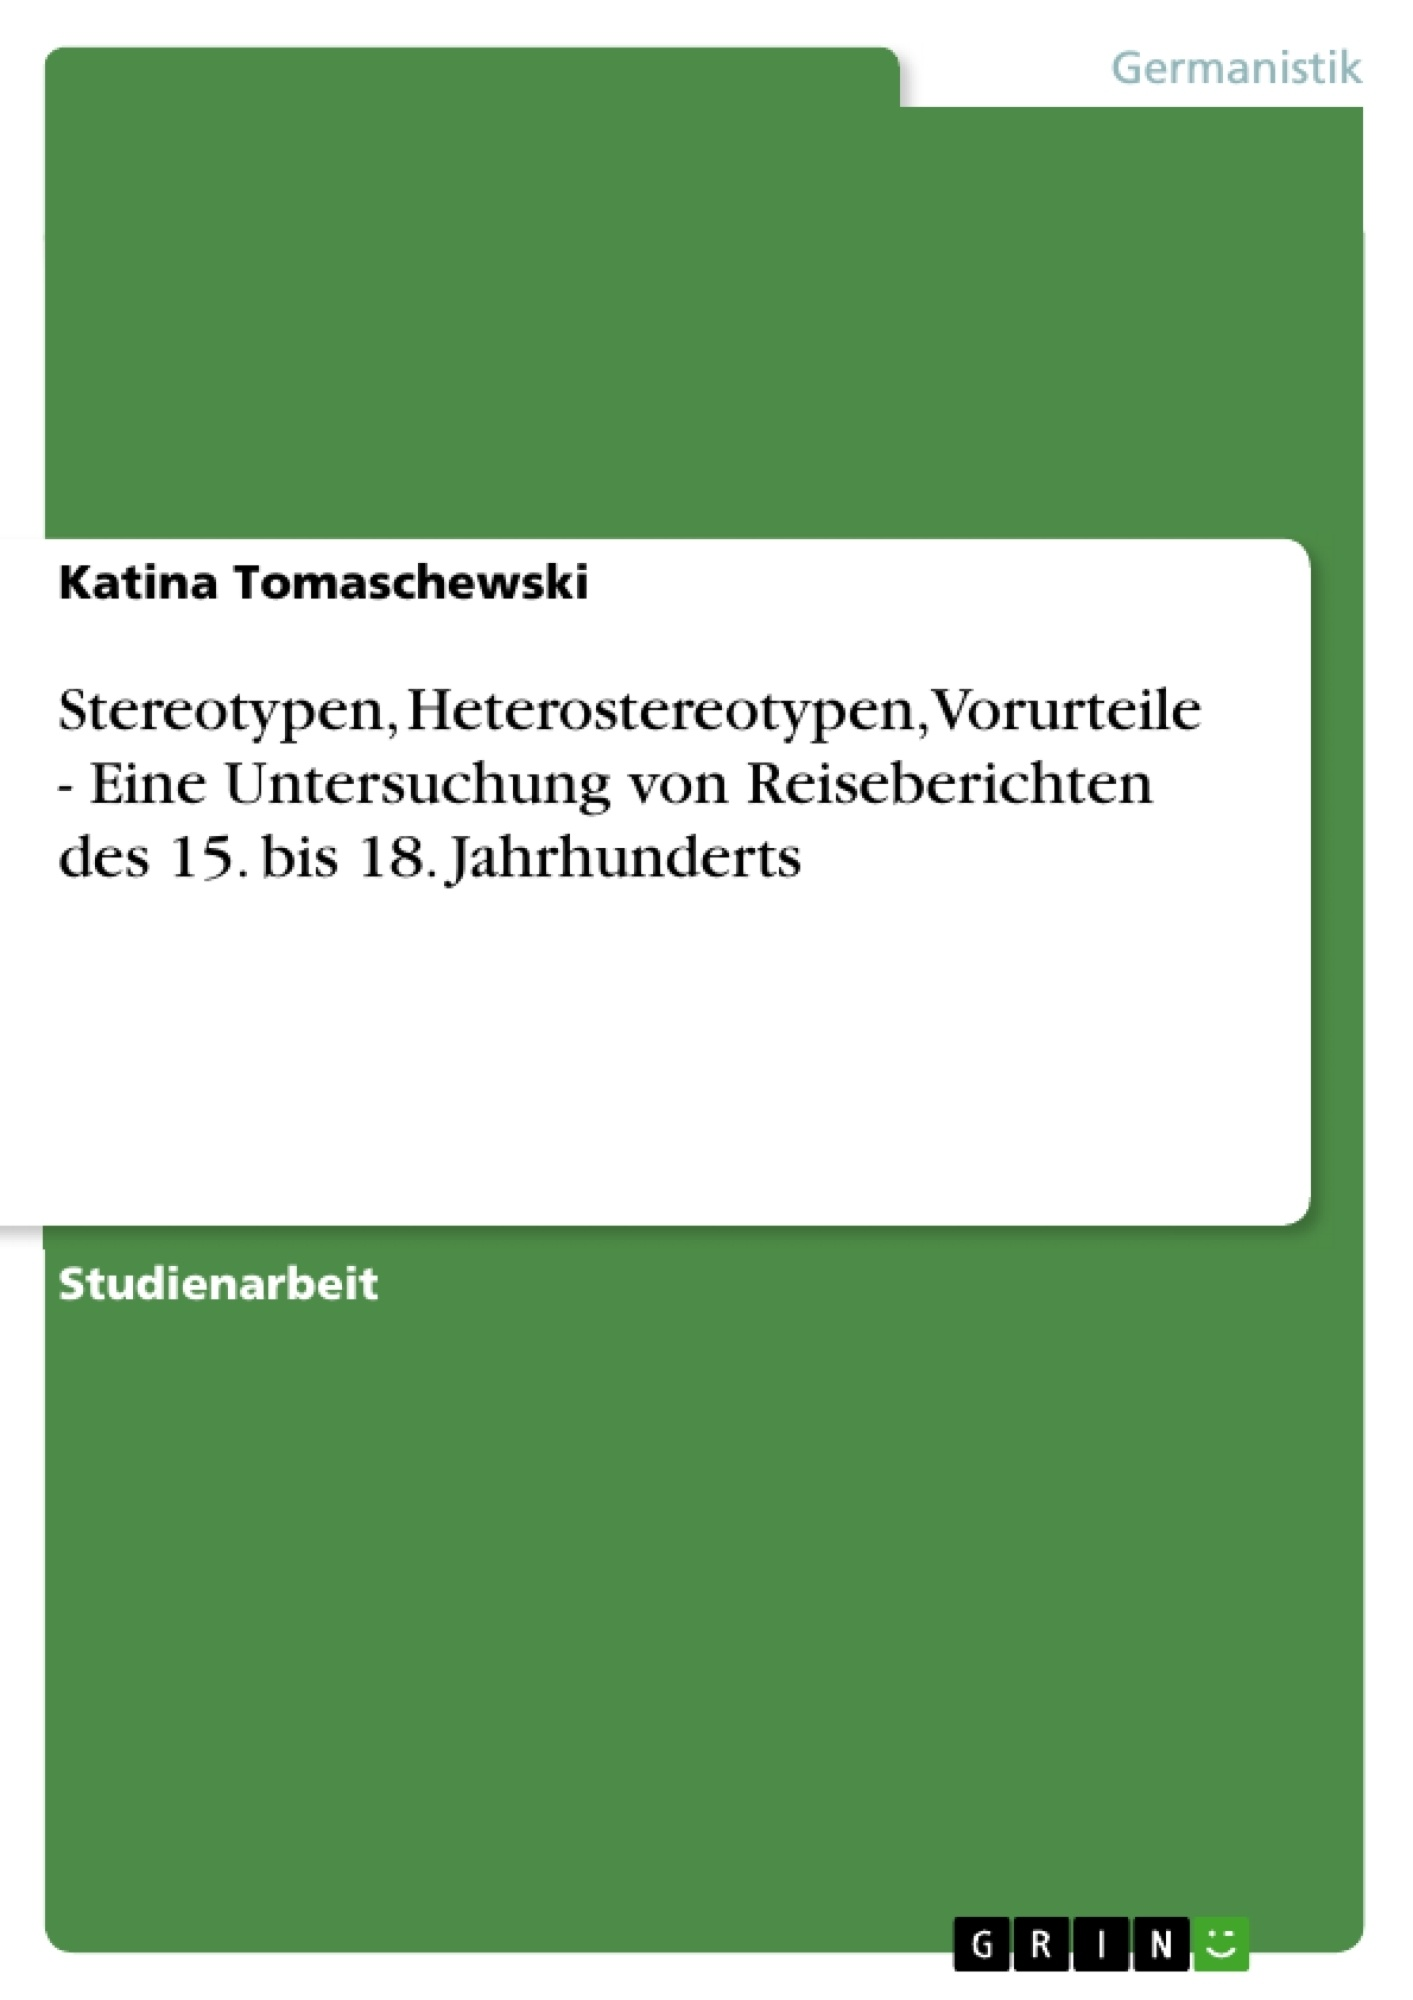 Titel: Stereotypen, Heterostereotypen, Vorurteile - Eine Untersuchung von Reiseberichten des 15. bis 18. Jahrhunderts